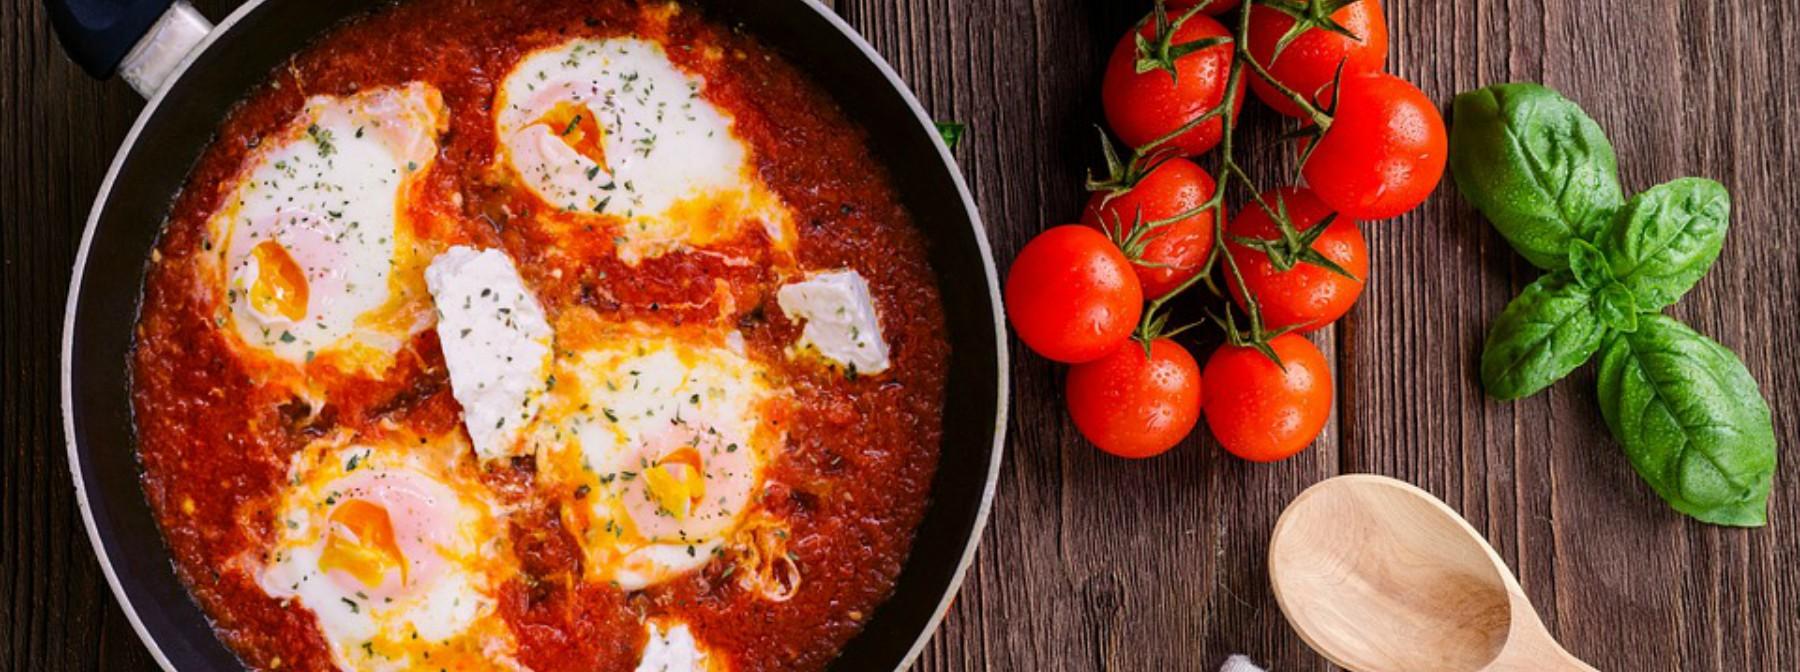 Los alimentos ricos en proteína como el huevo pueden ayudar a controlar la ansiedad